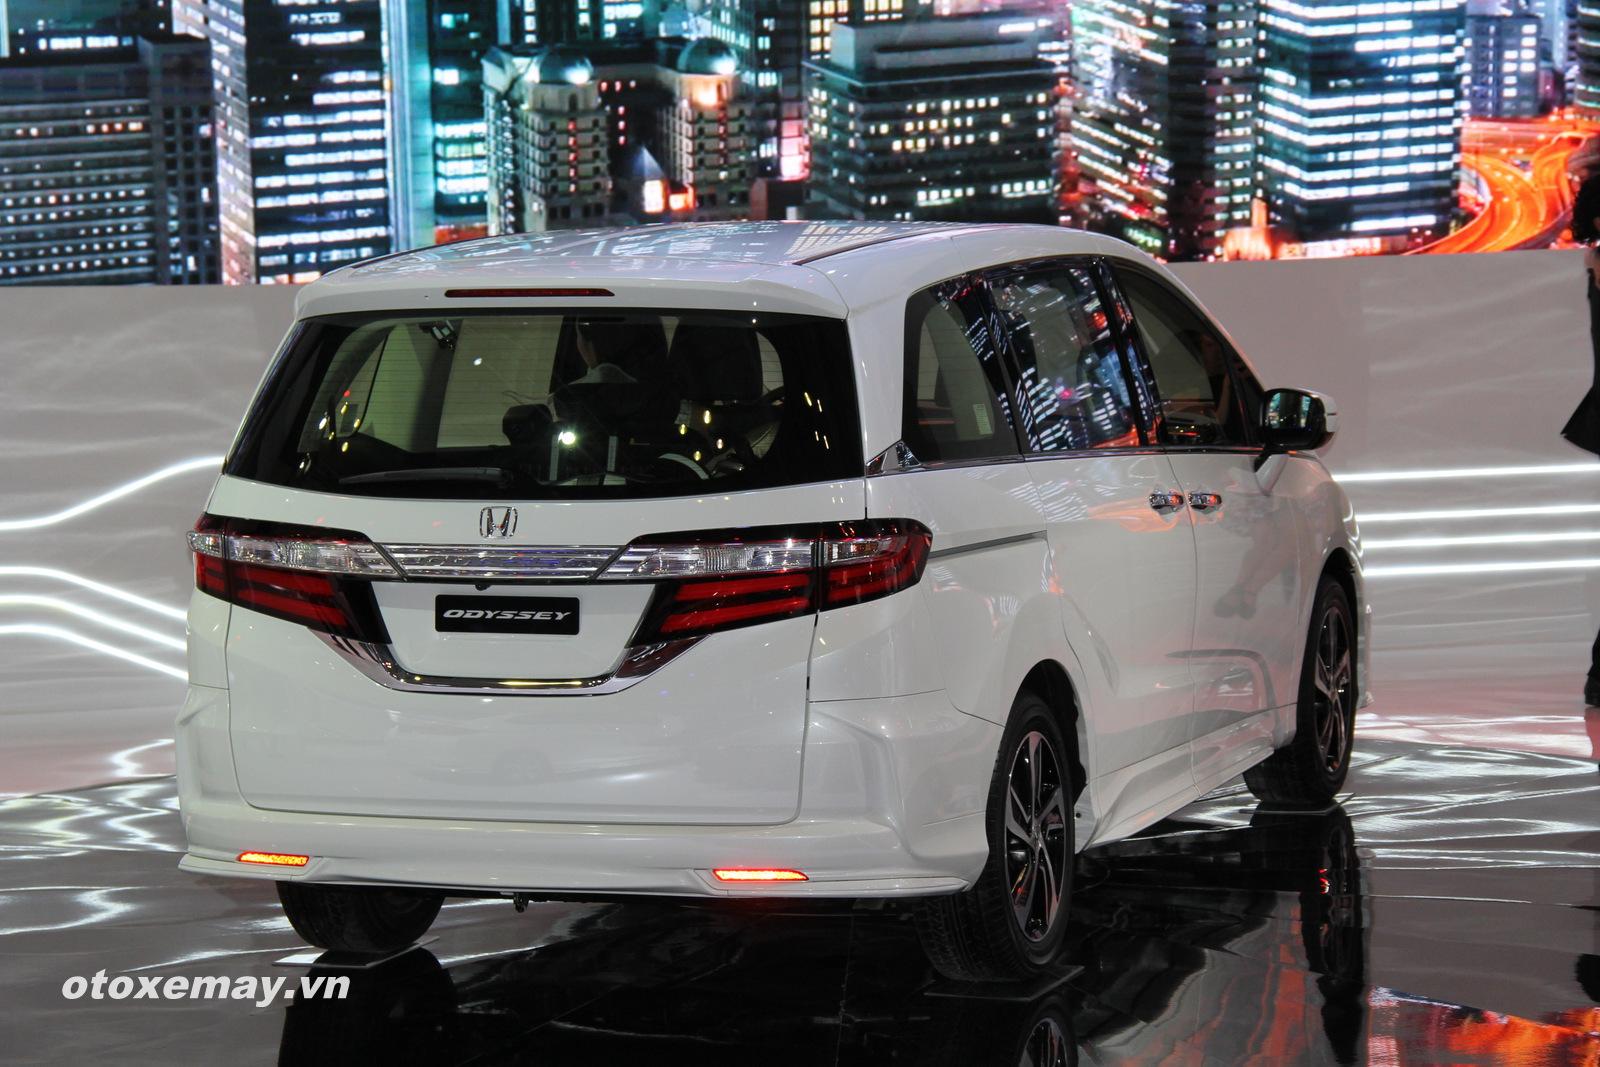 Honda Odyssey tiếp cận khách hàng toàn quốc - ảnh 3